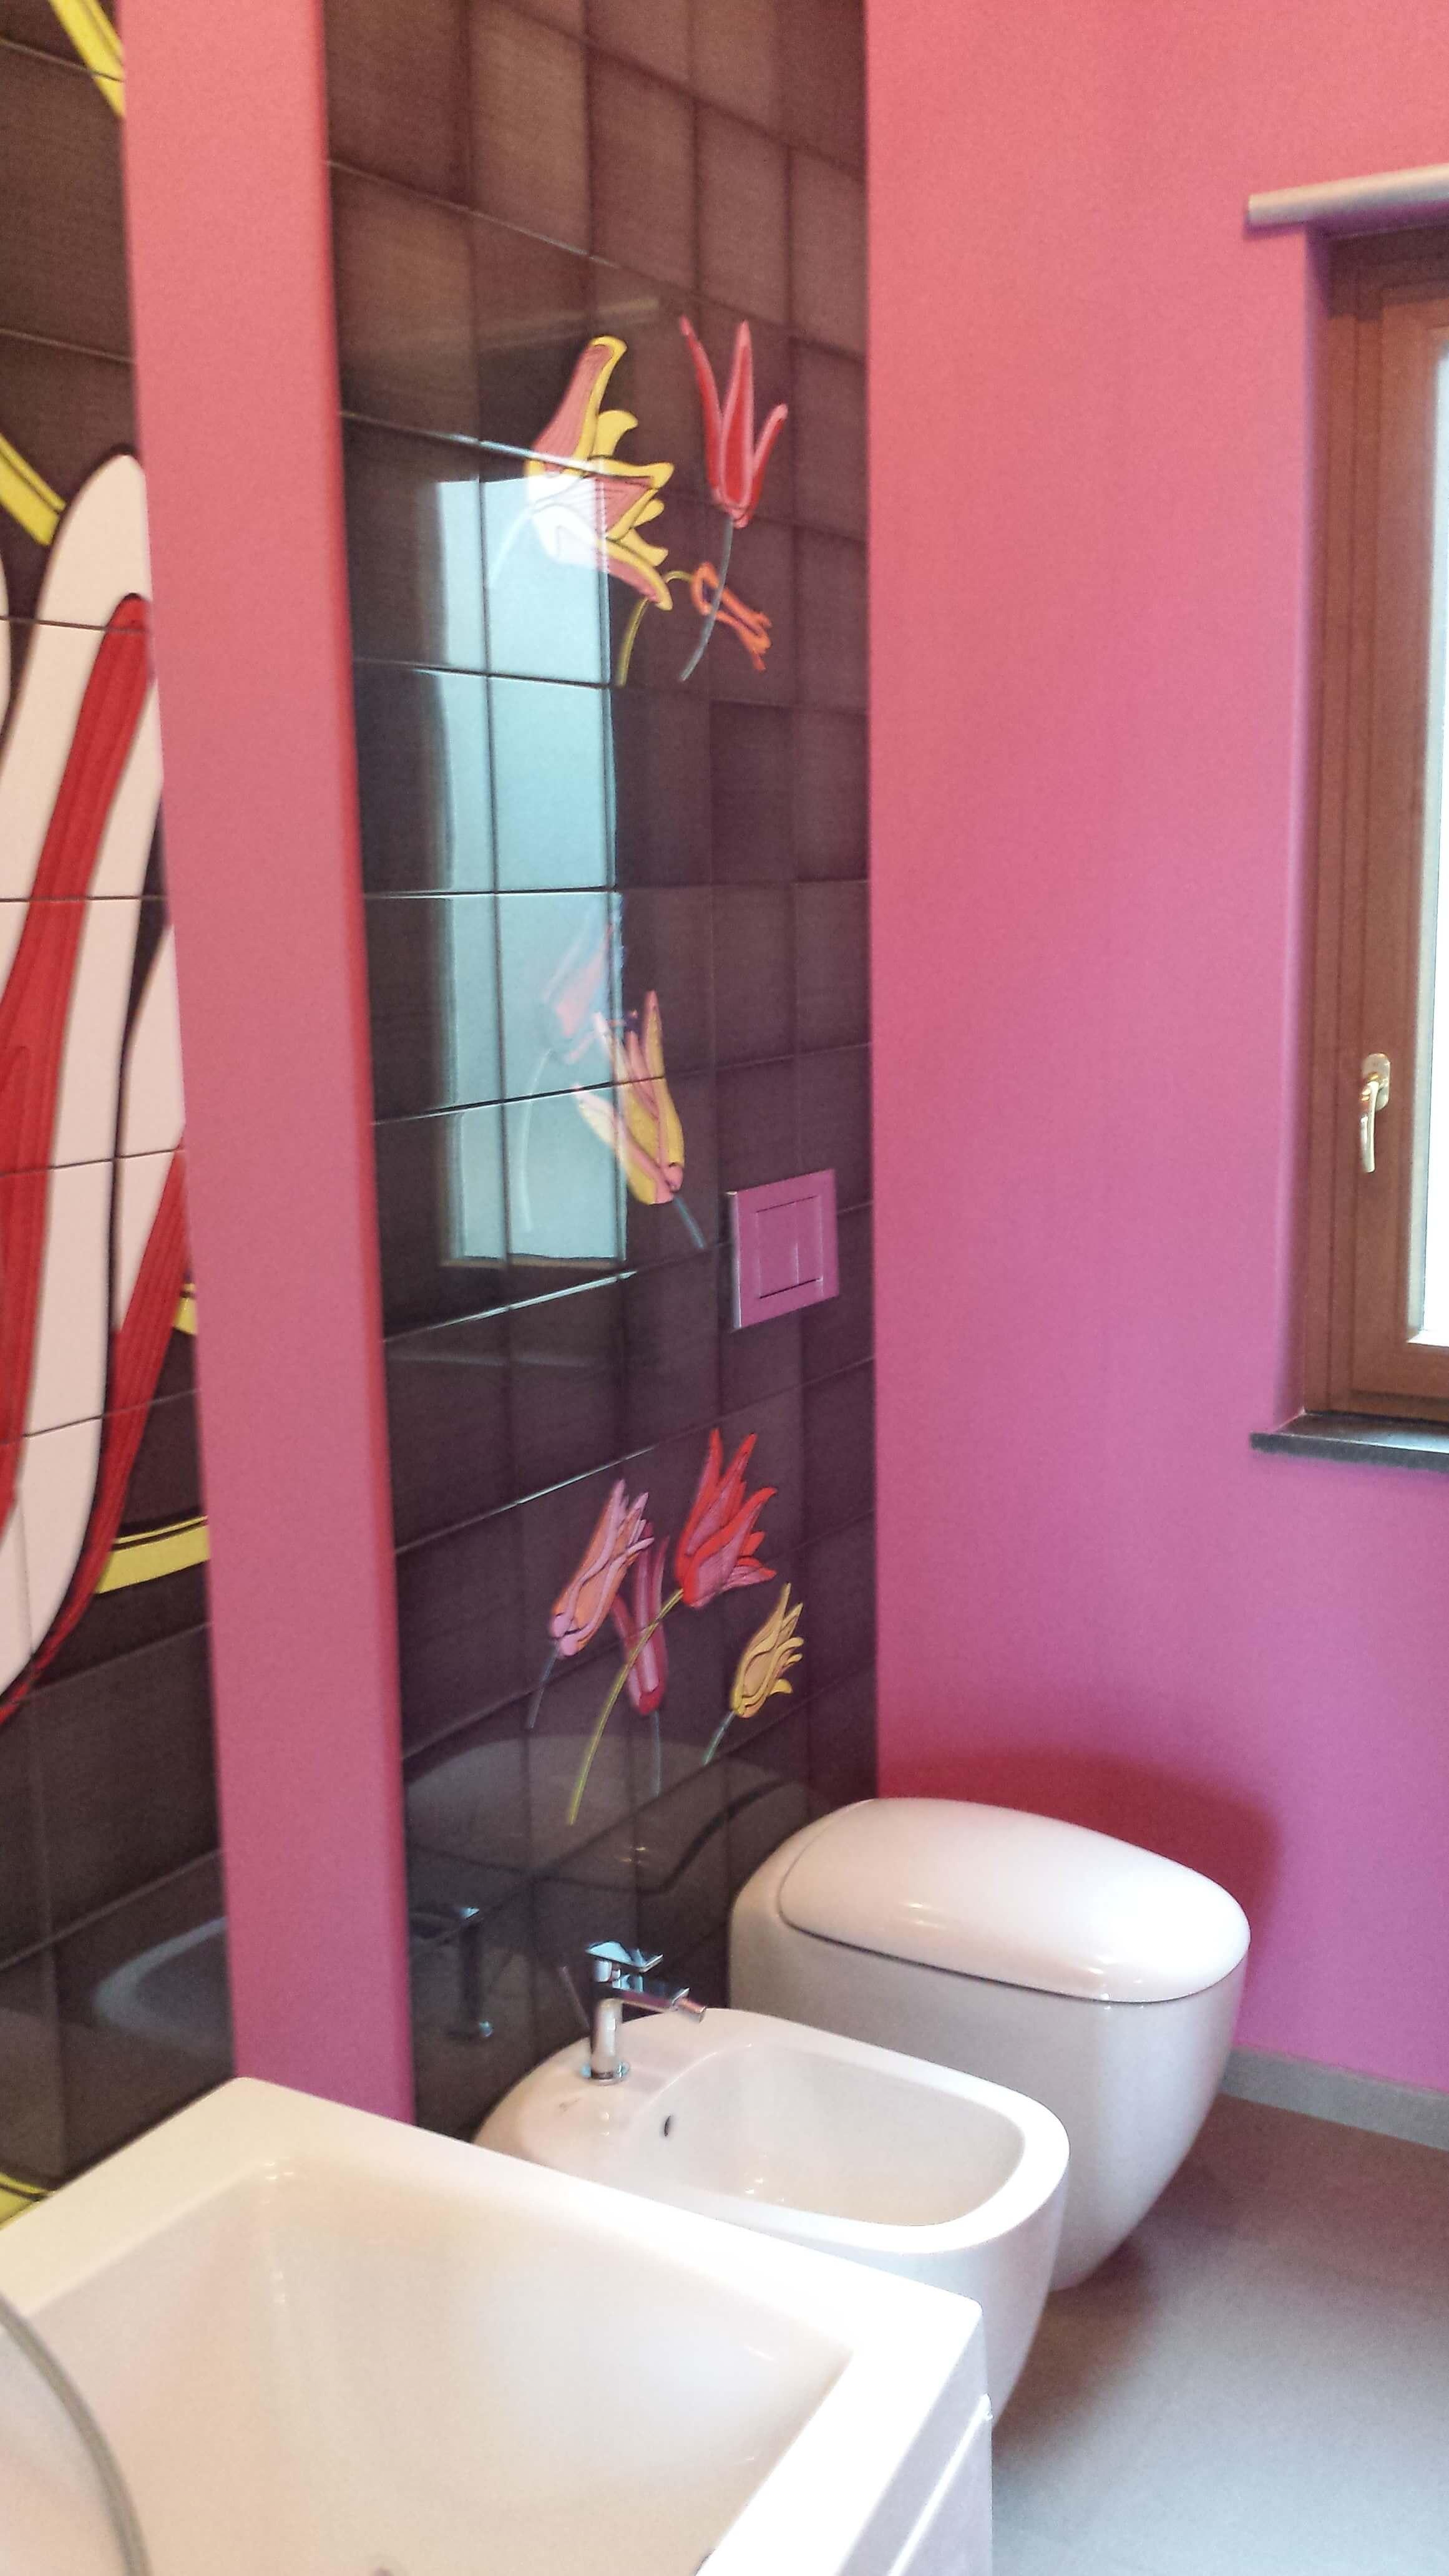 bagno con muri rosa, piastrelle nere con fiori rosa e sanitari bianchi